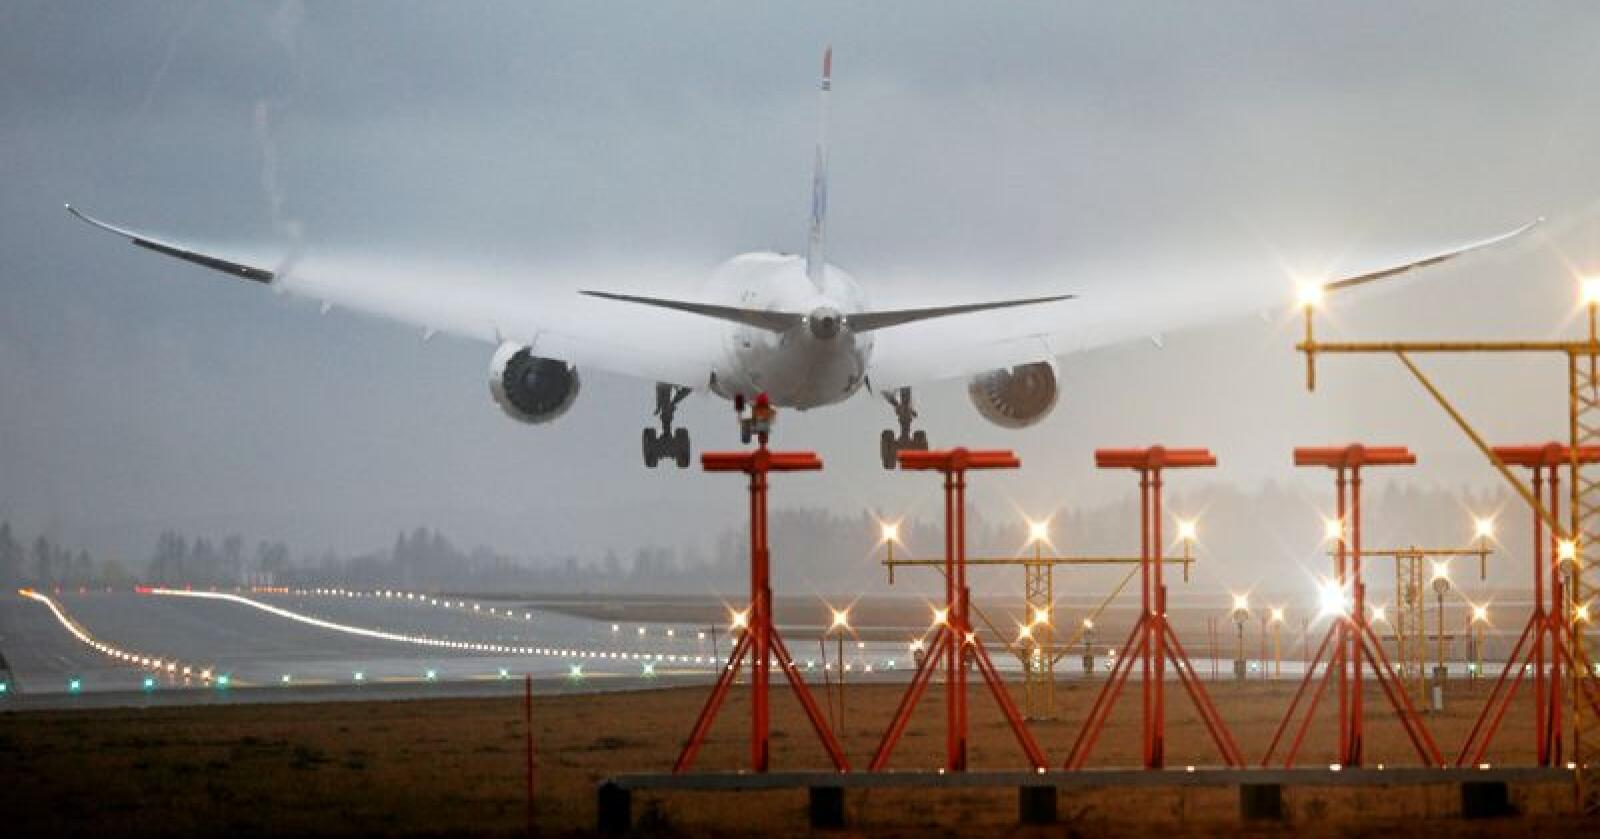 Et Norwegian-fly fra New York går inn for landing på Gardermoen. Foto: Cornelius Poppe / NTB scanpix